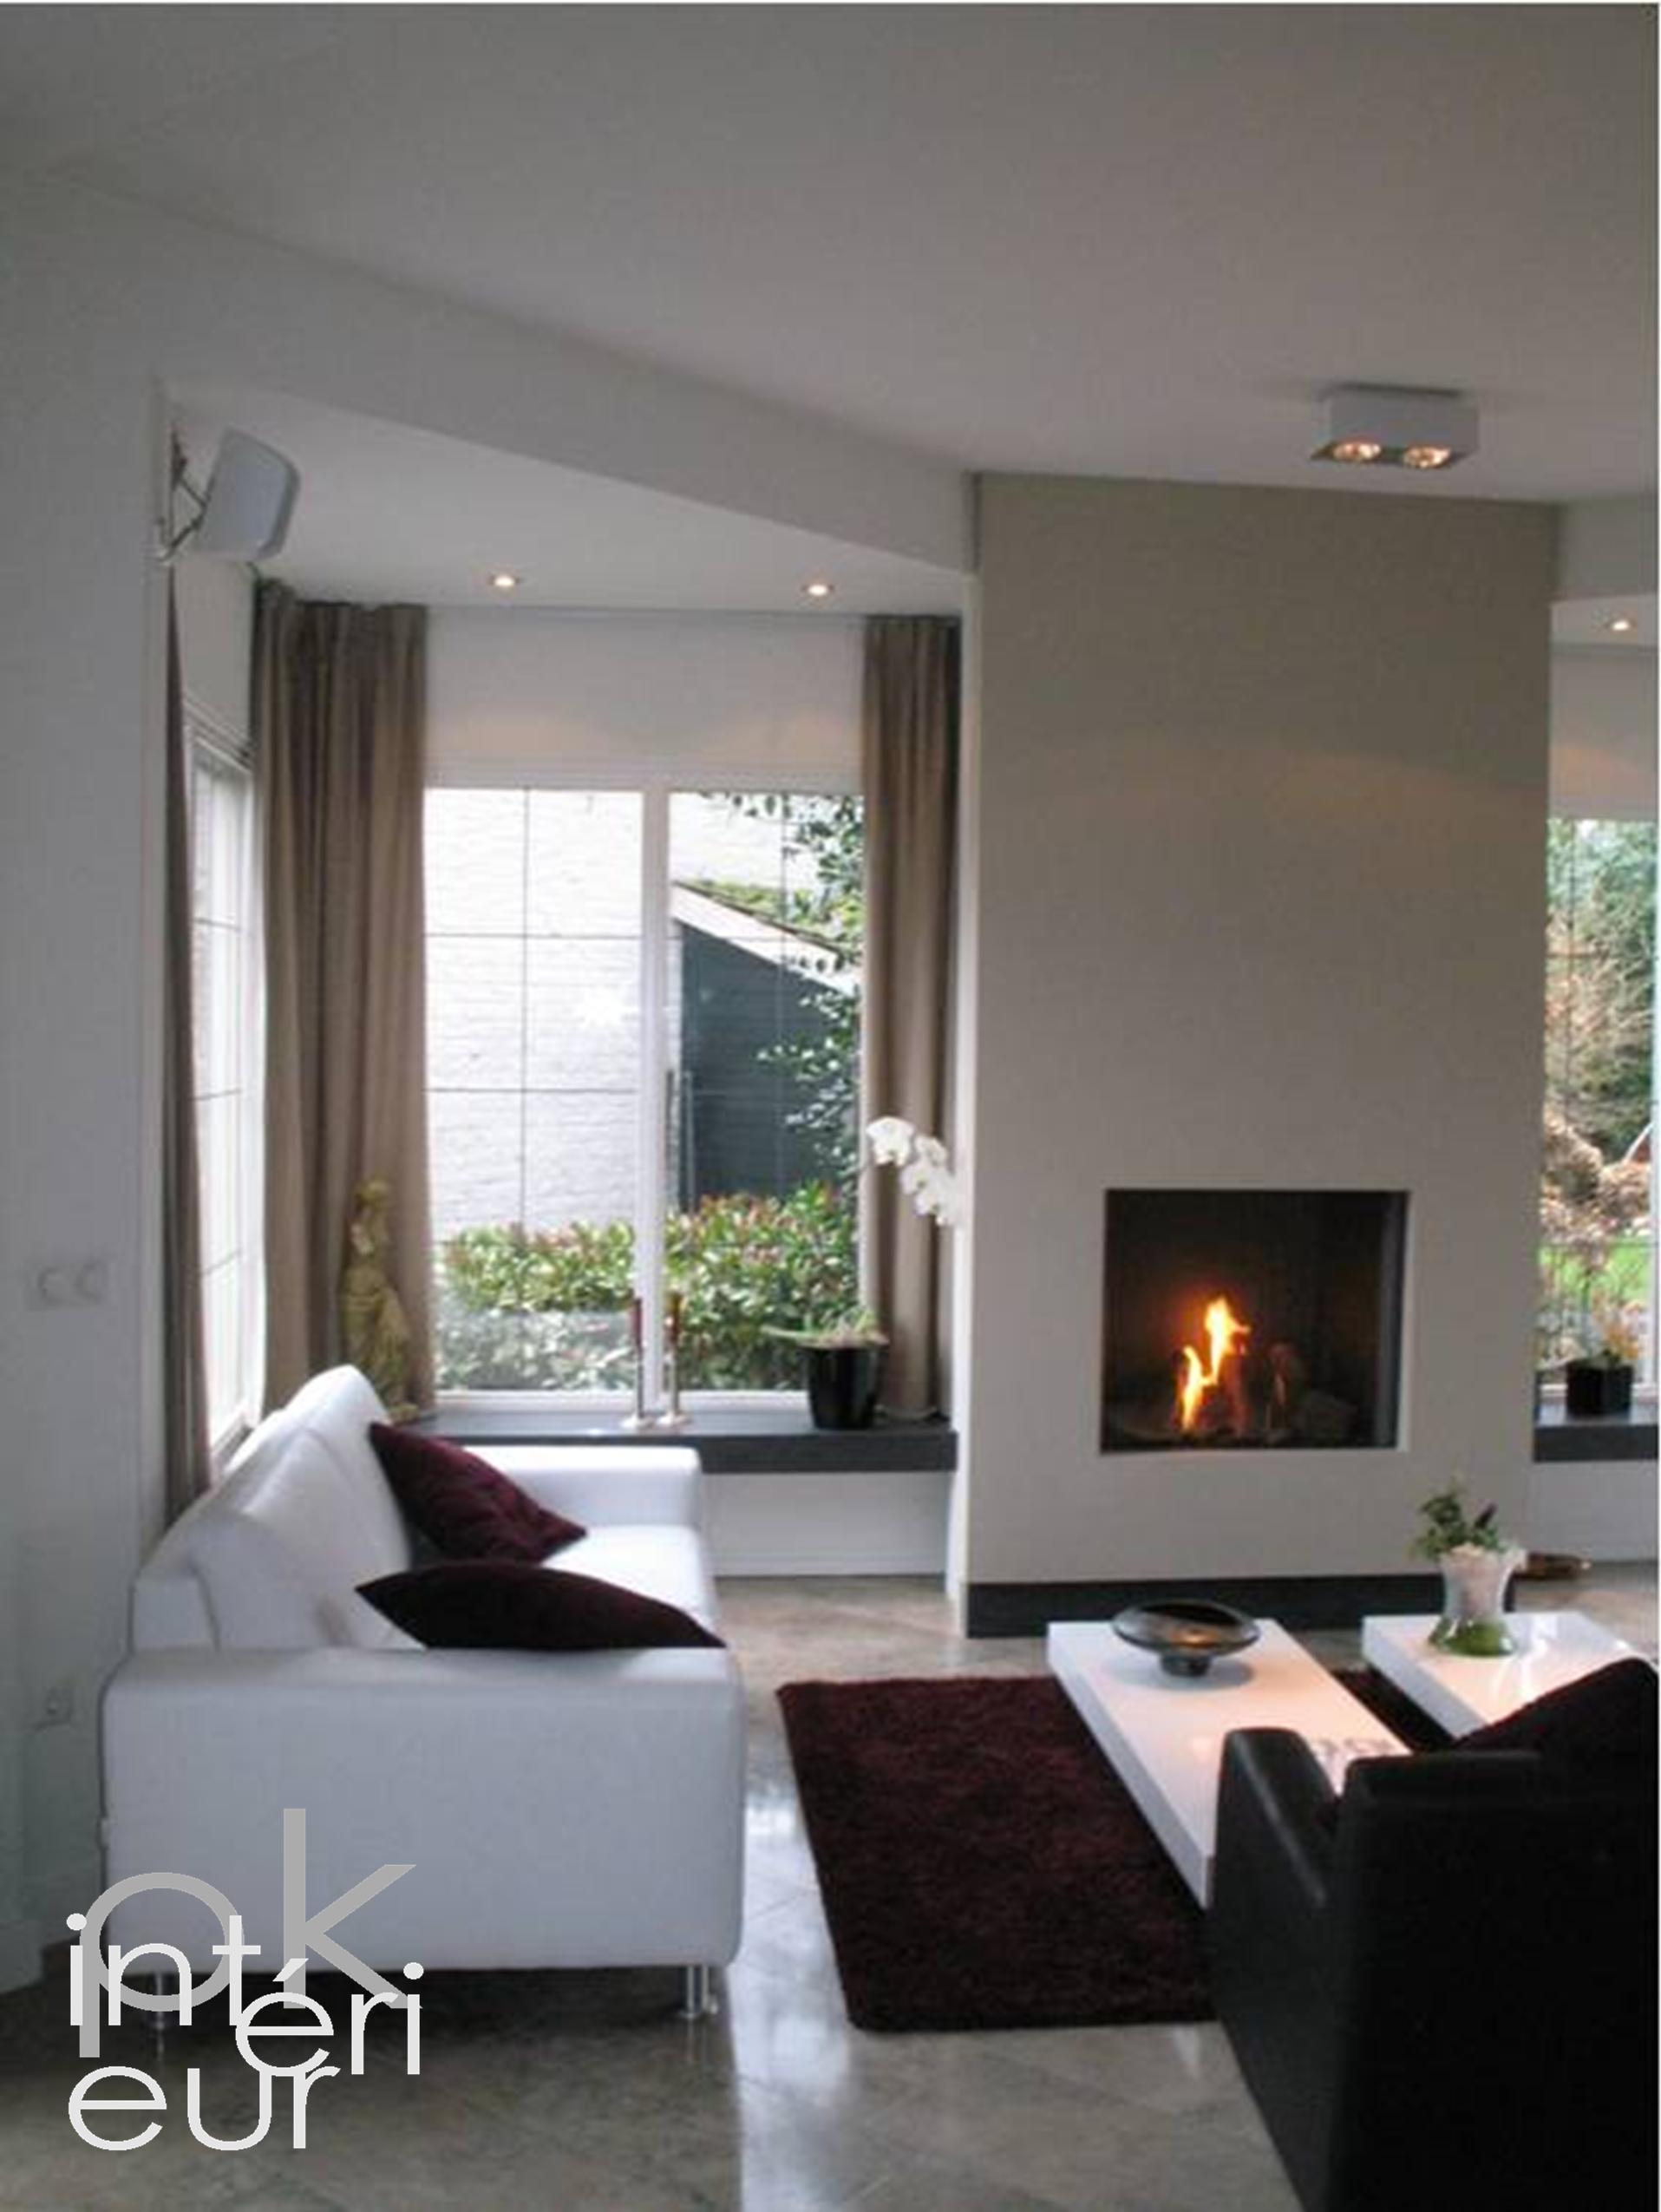 Pk interieur design ontwerp inrichting en advies voor uw woonkamer met haard in den bosch for Deco van woonkamer design